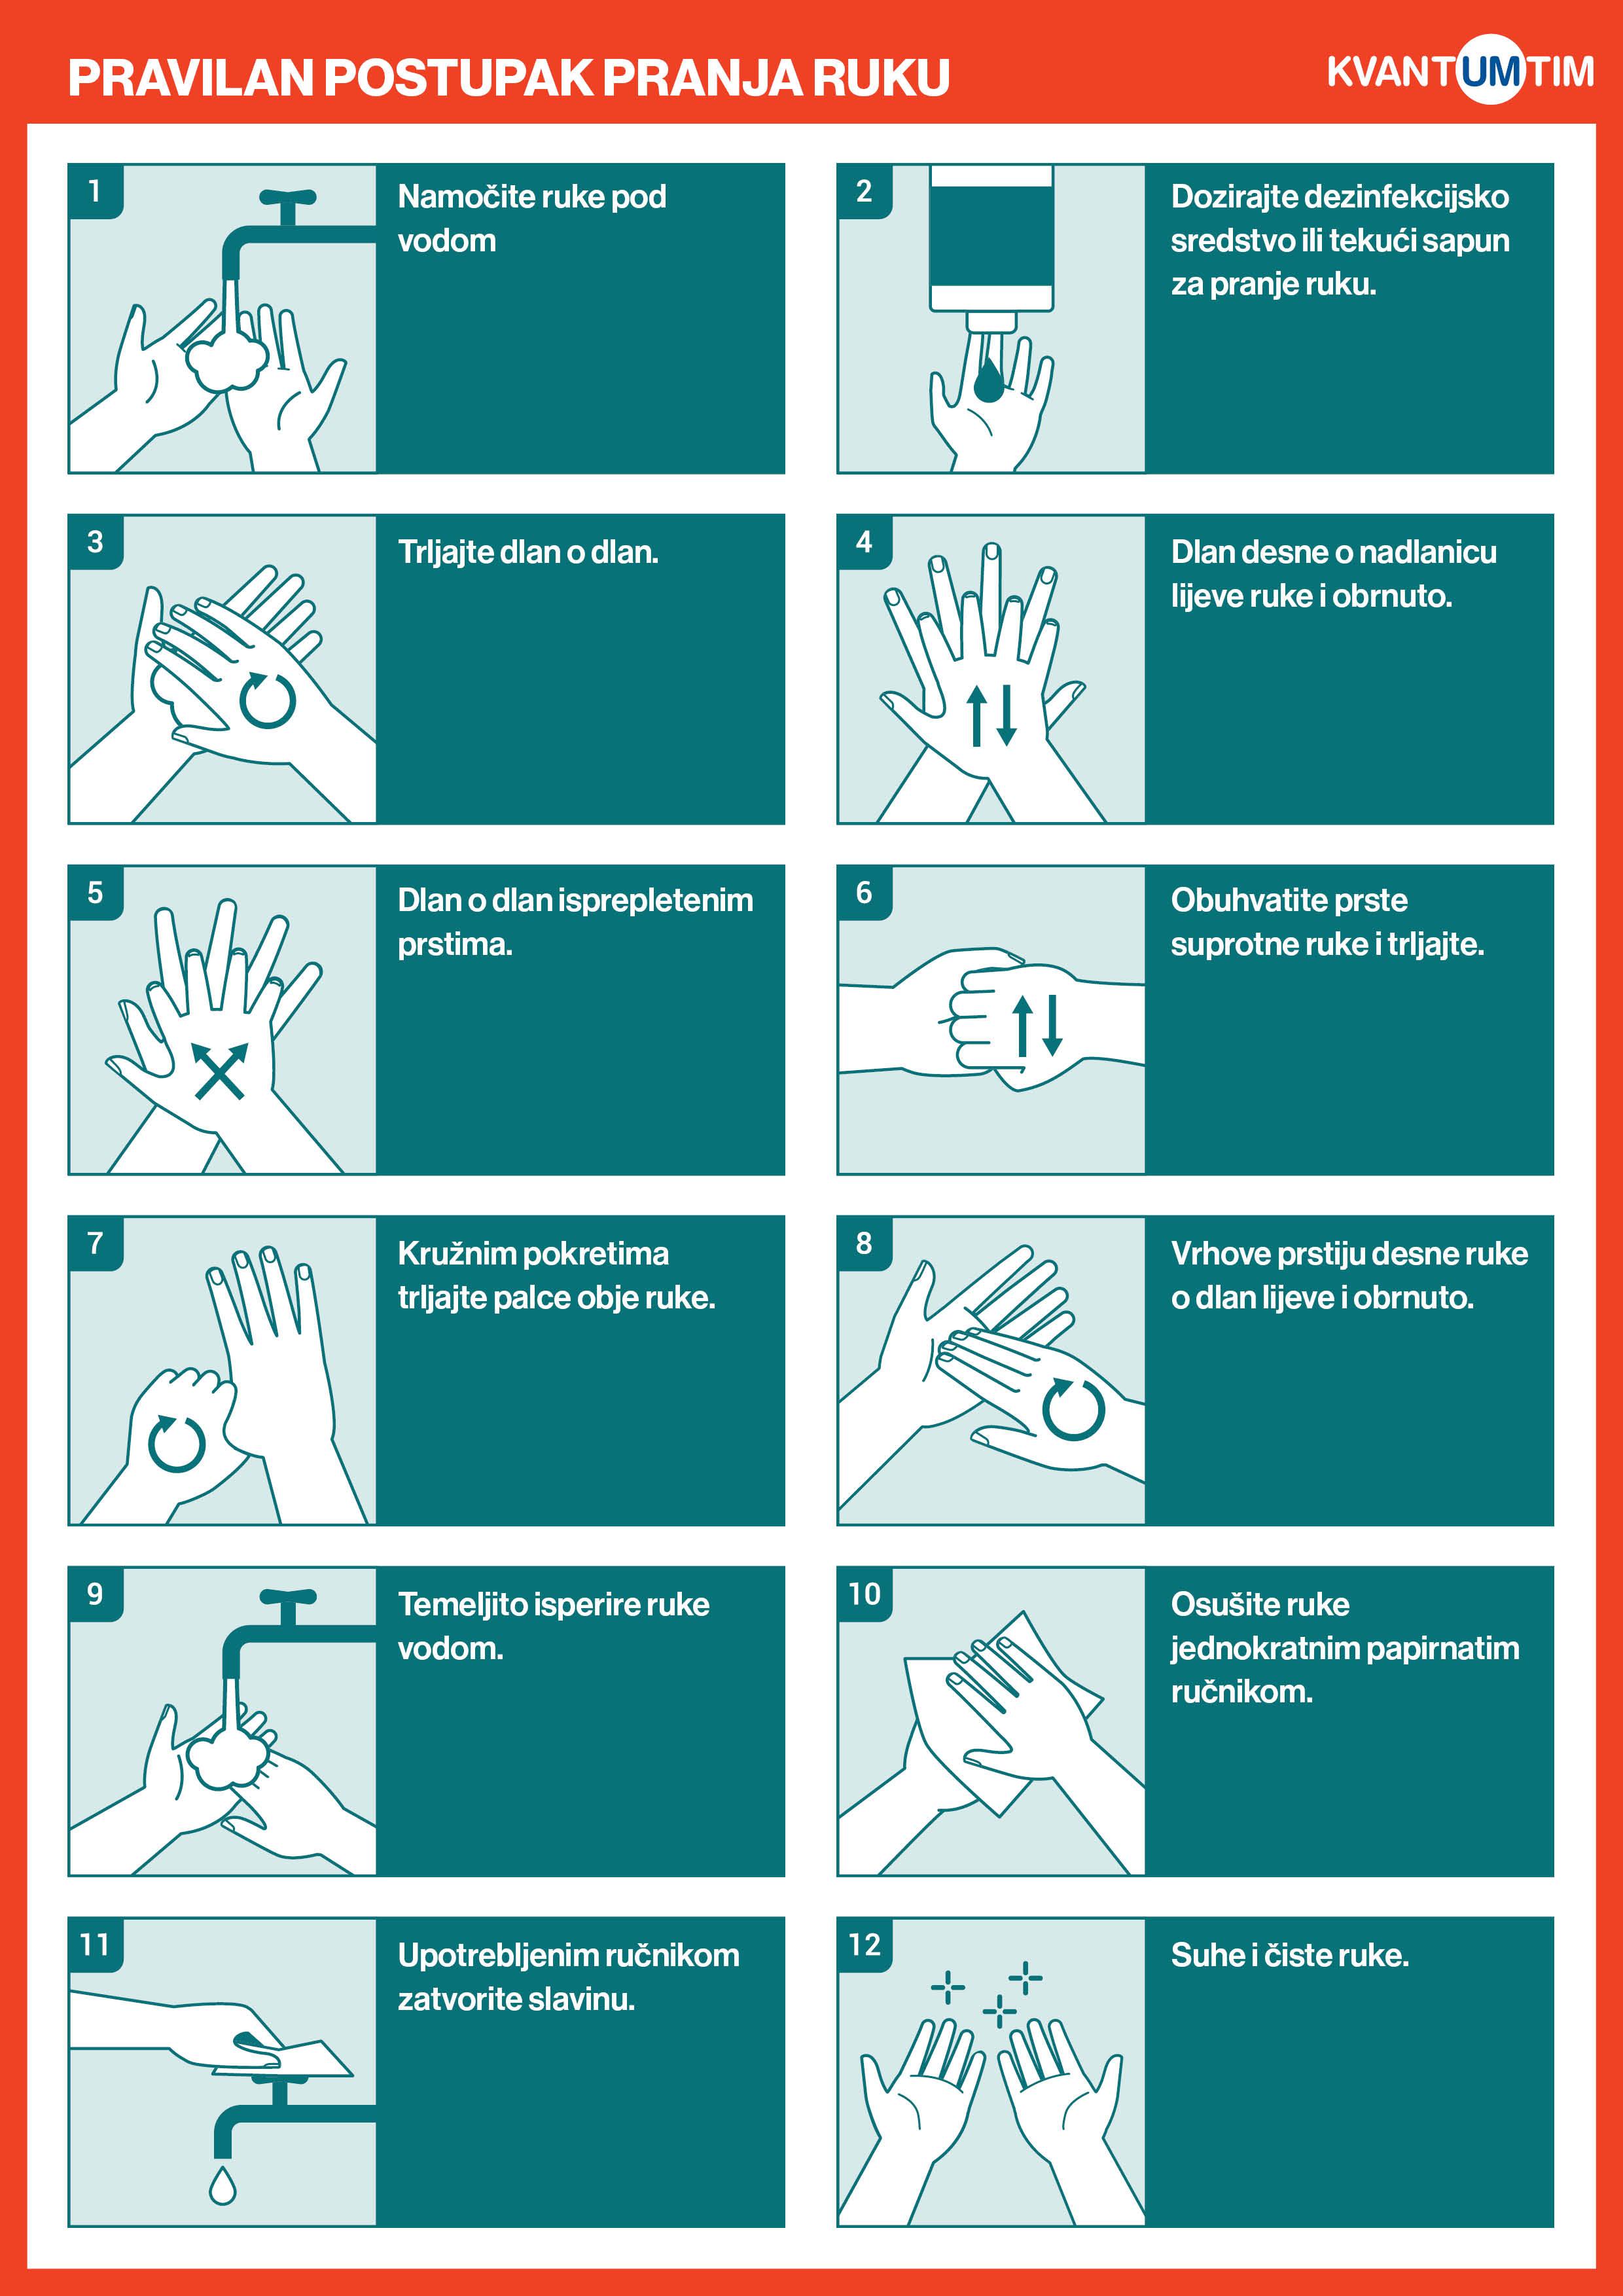 Upute za pravilno pranje i dezinfekciju ruku - pranje ruku